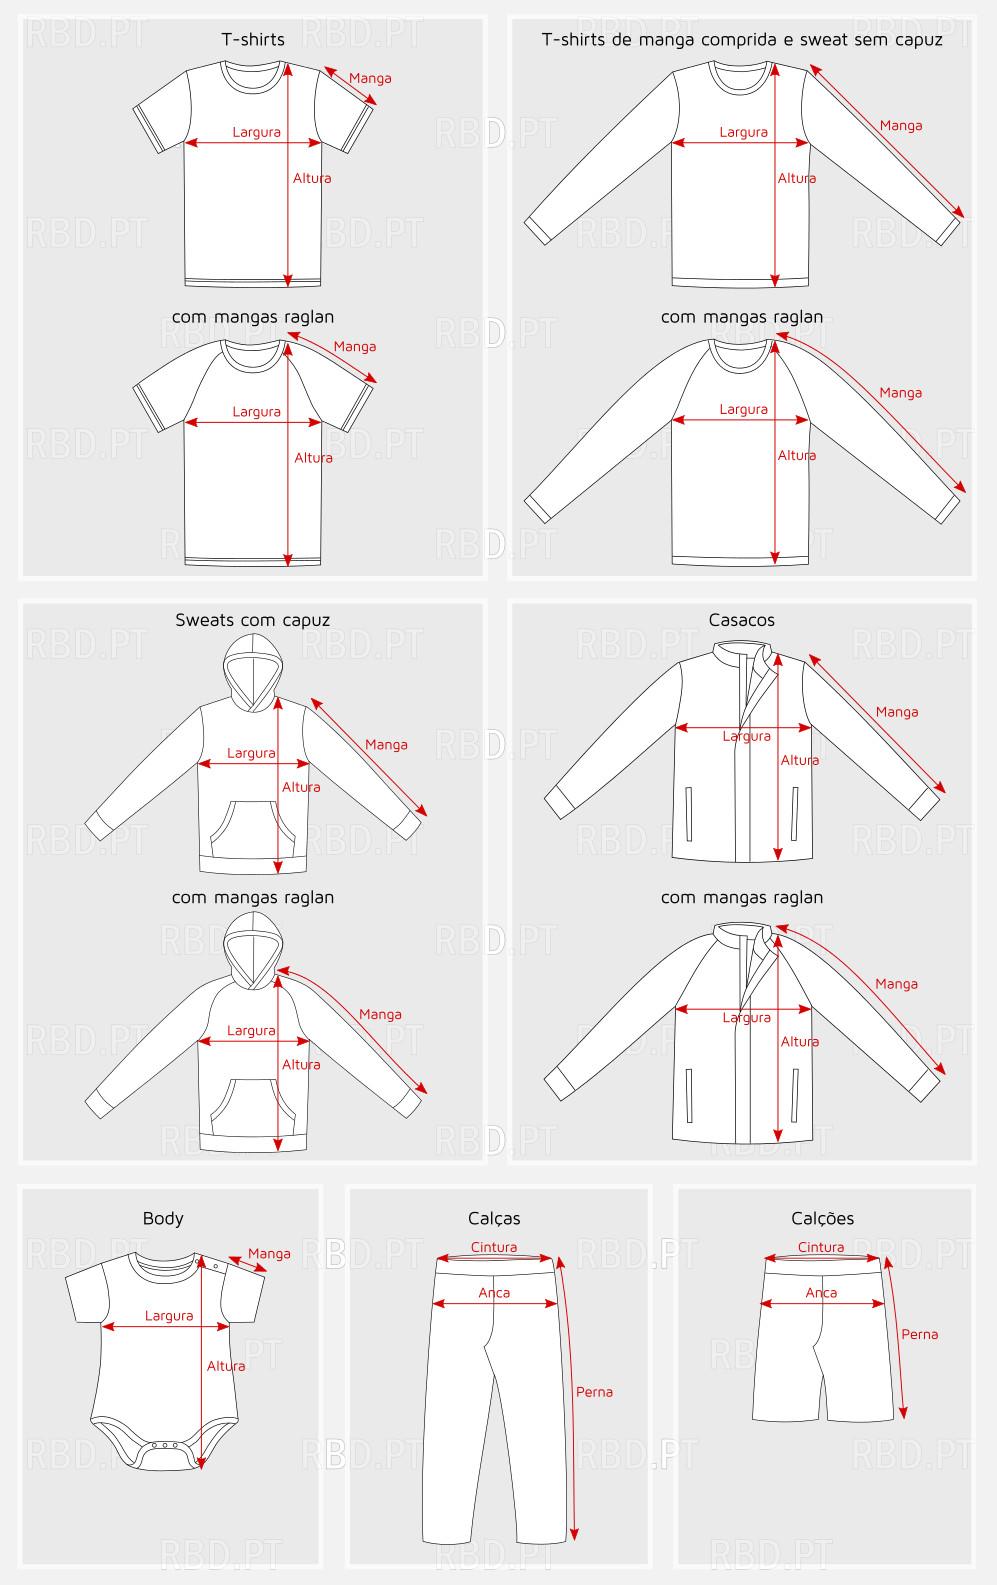 Como medir as diferentes peças de roupa